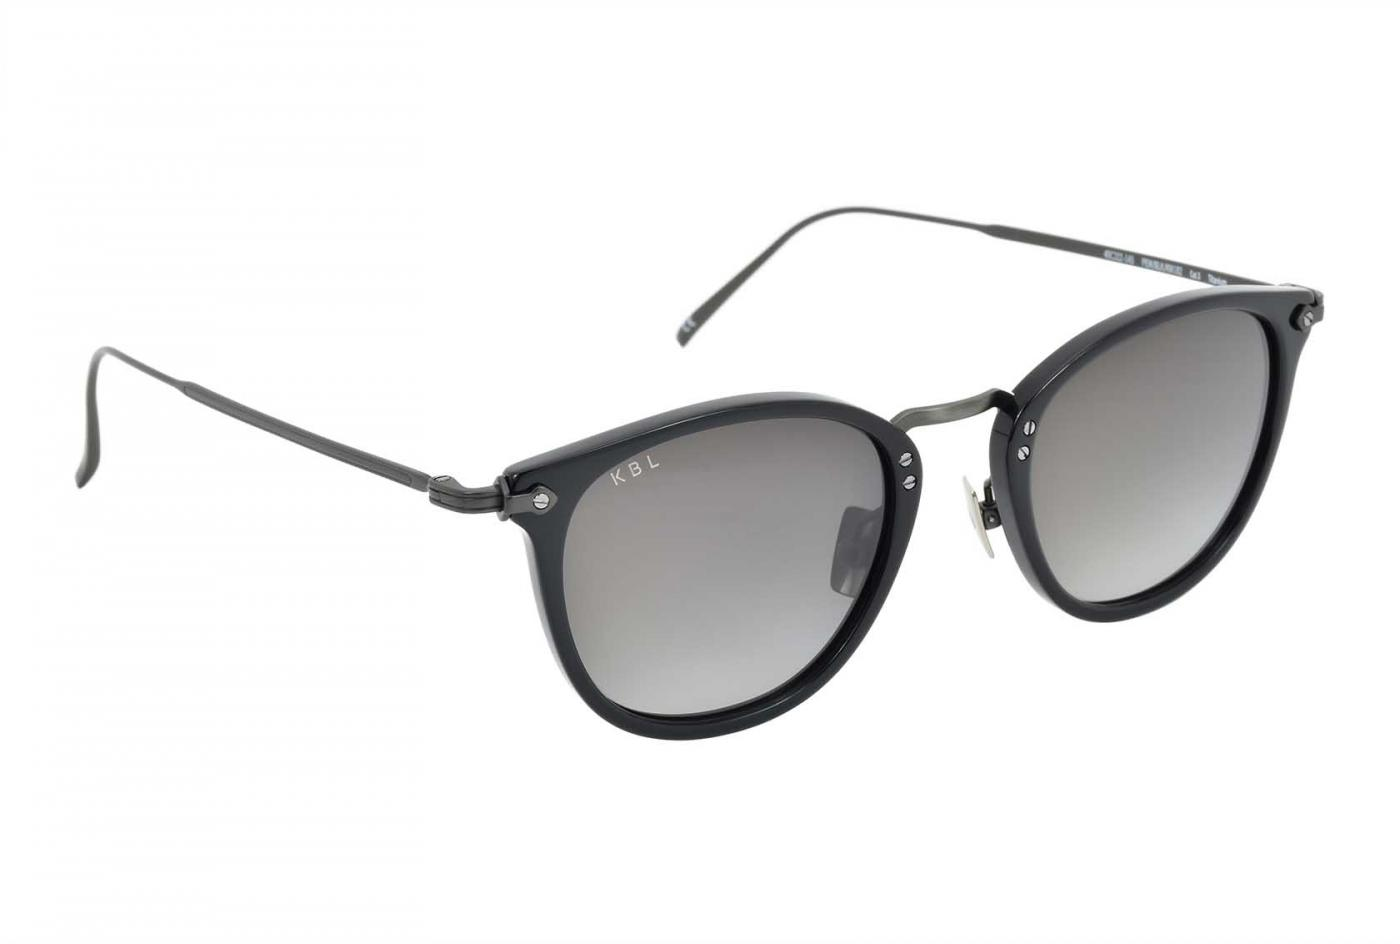 Kbl eastwood - eastwood- fra kbl eyewear på brodersen + kobborg